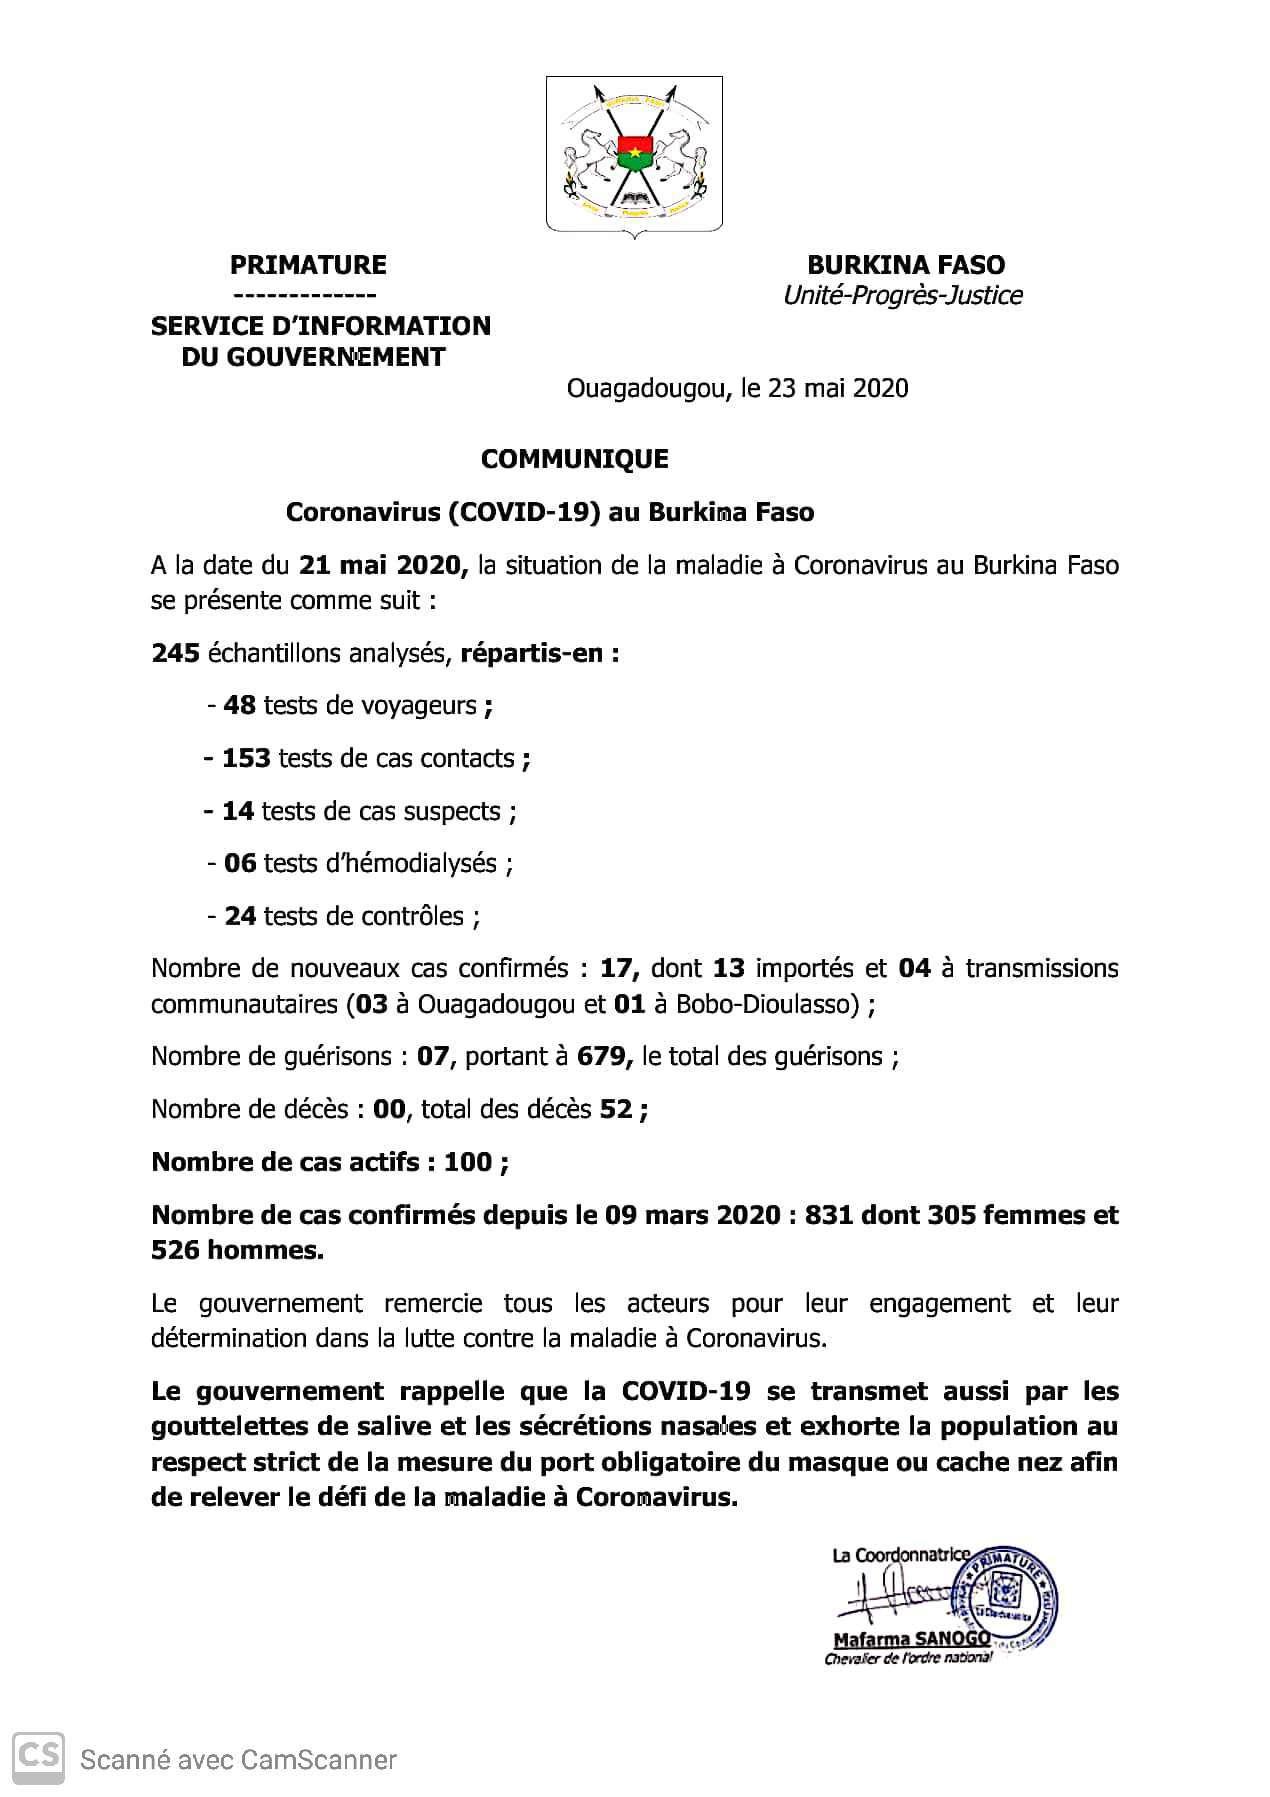 CORONAVIRUS AU BURKINA: 17 nouveaux cas confirmés, 07 guérisons et 00 décès au 21 mai 2020